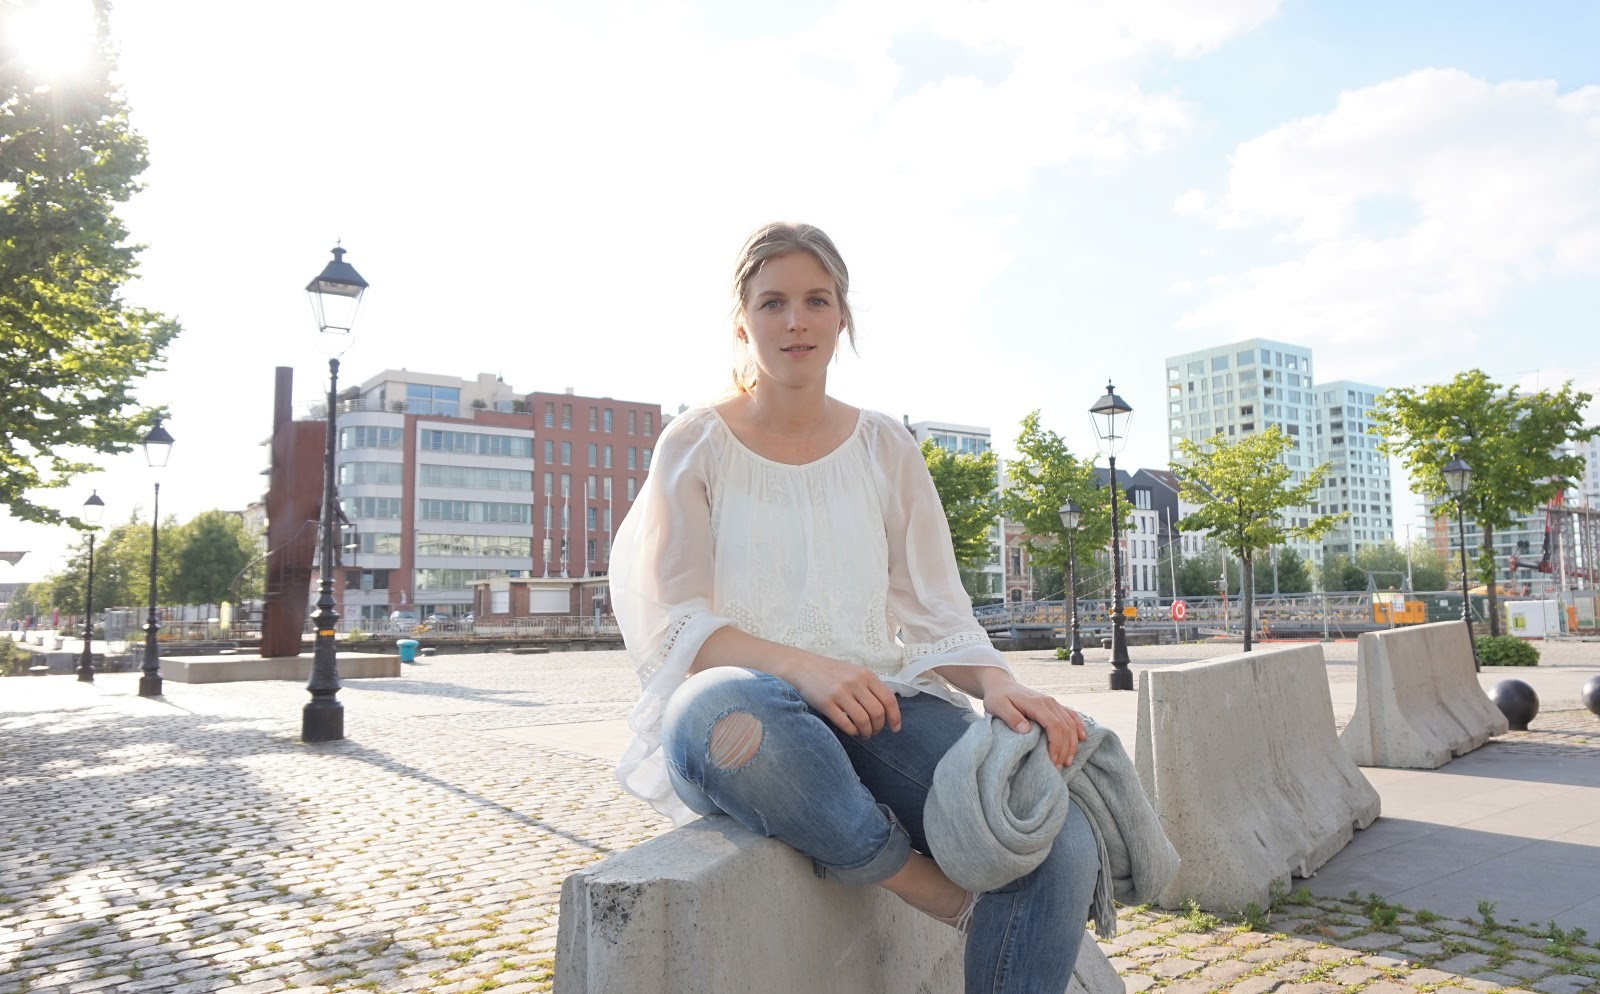 DSC06549 | Eline Van Dingenen